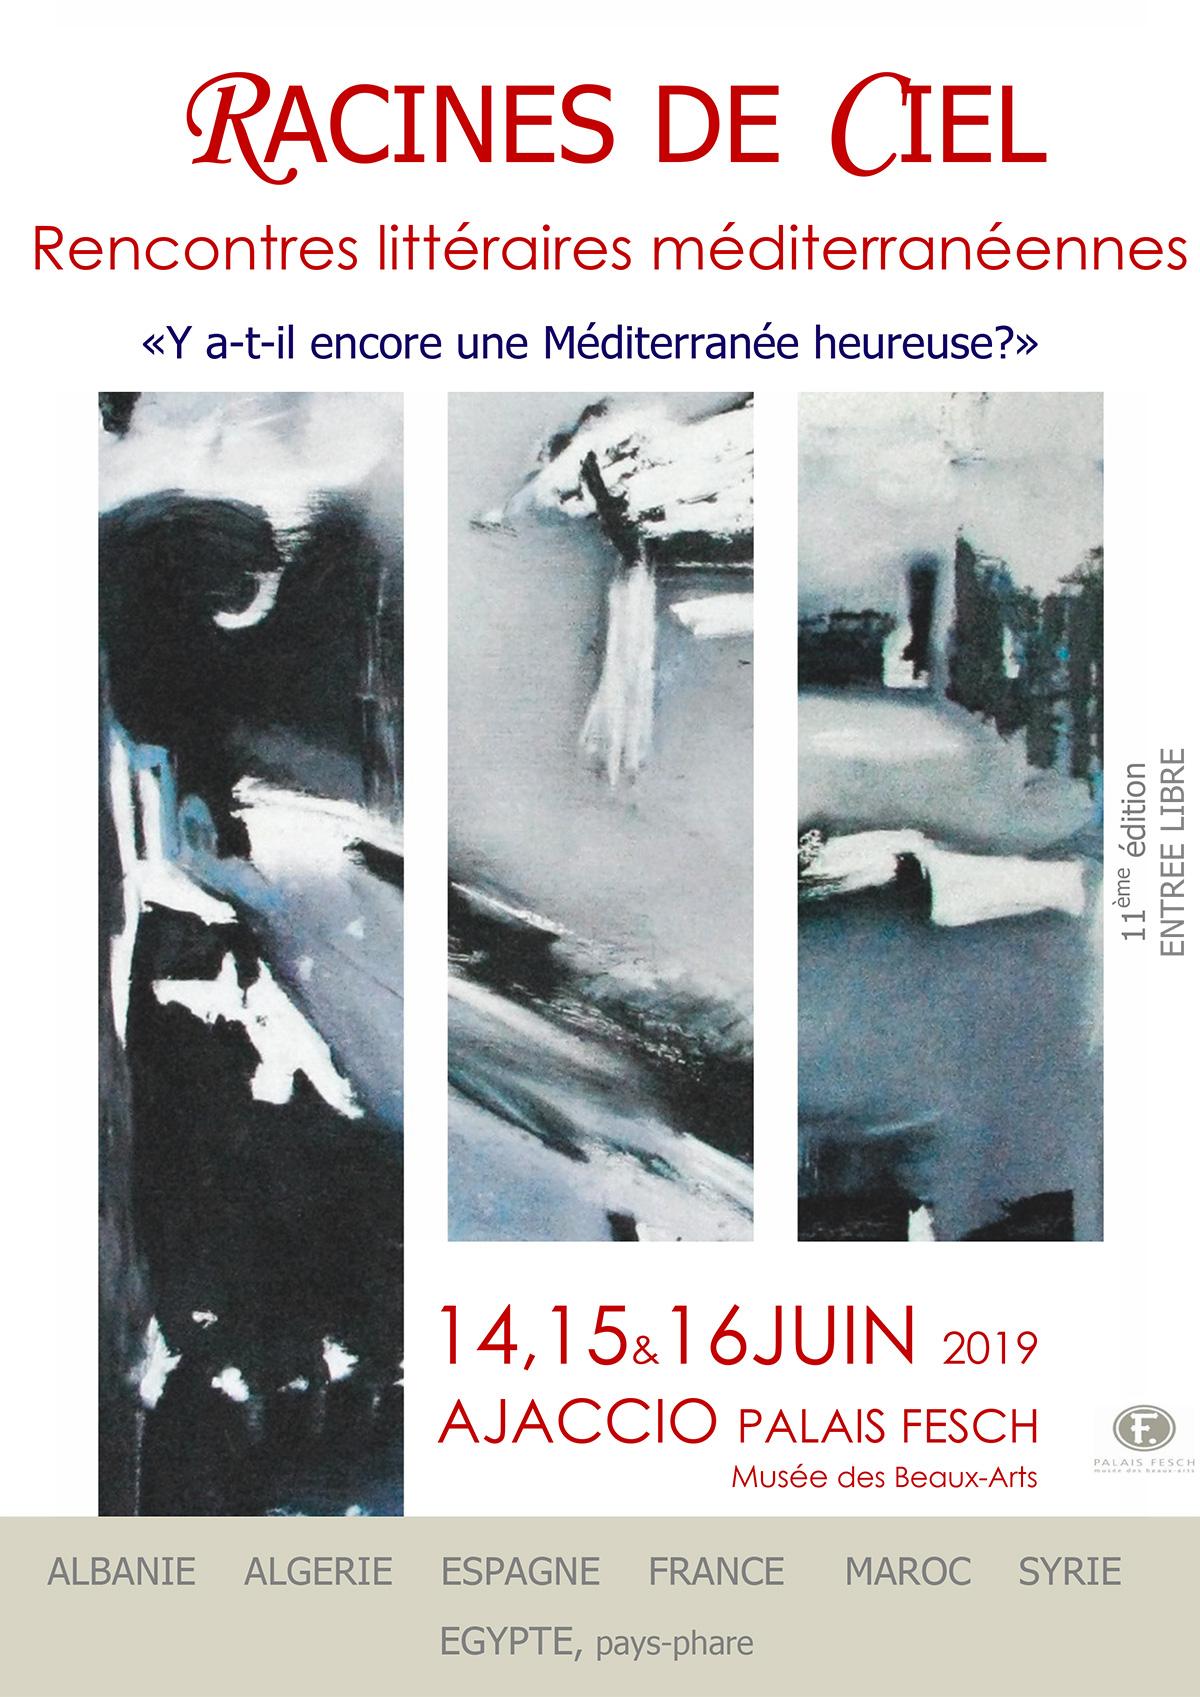 Affiche des 11èmes rencontres littéraires méditerranéennes